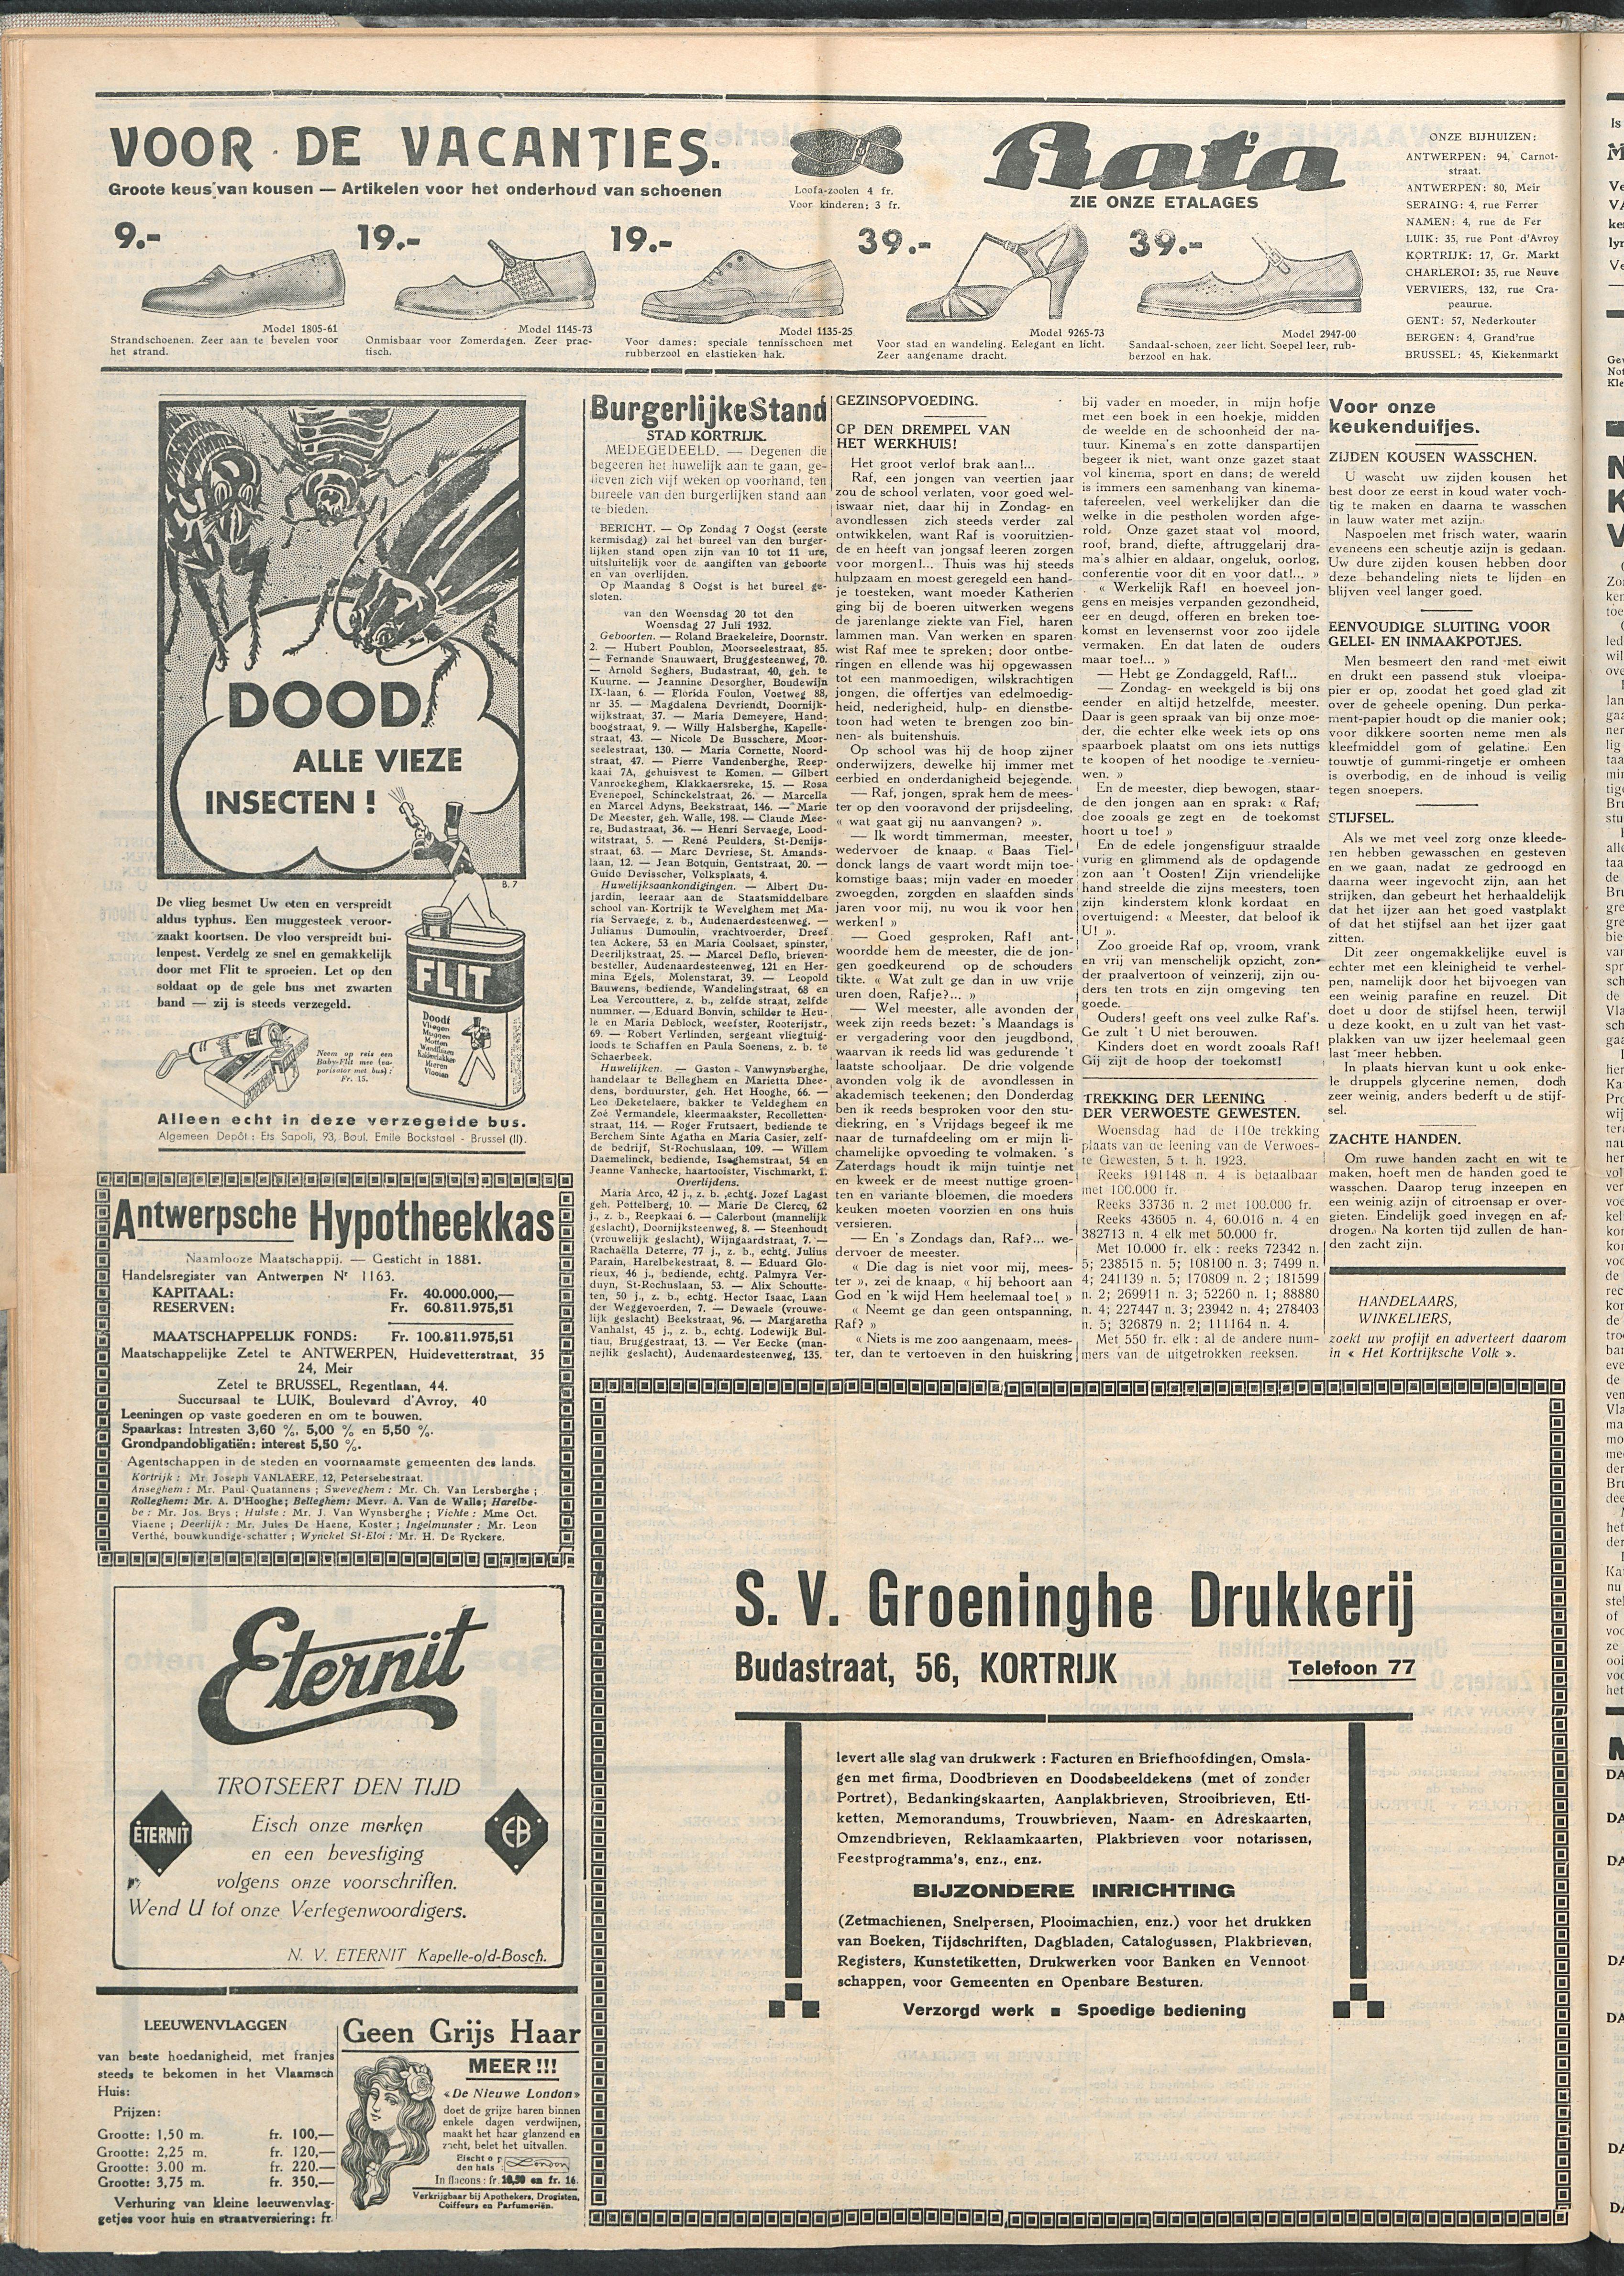 Het Kortrijksche Volk 1932-07-31 p4